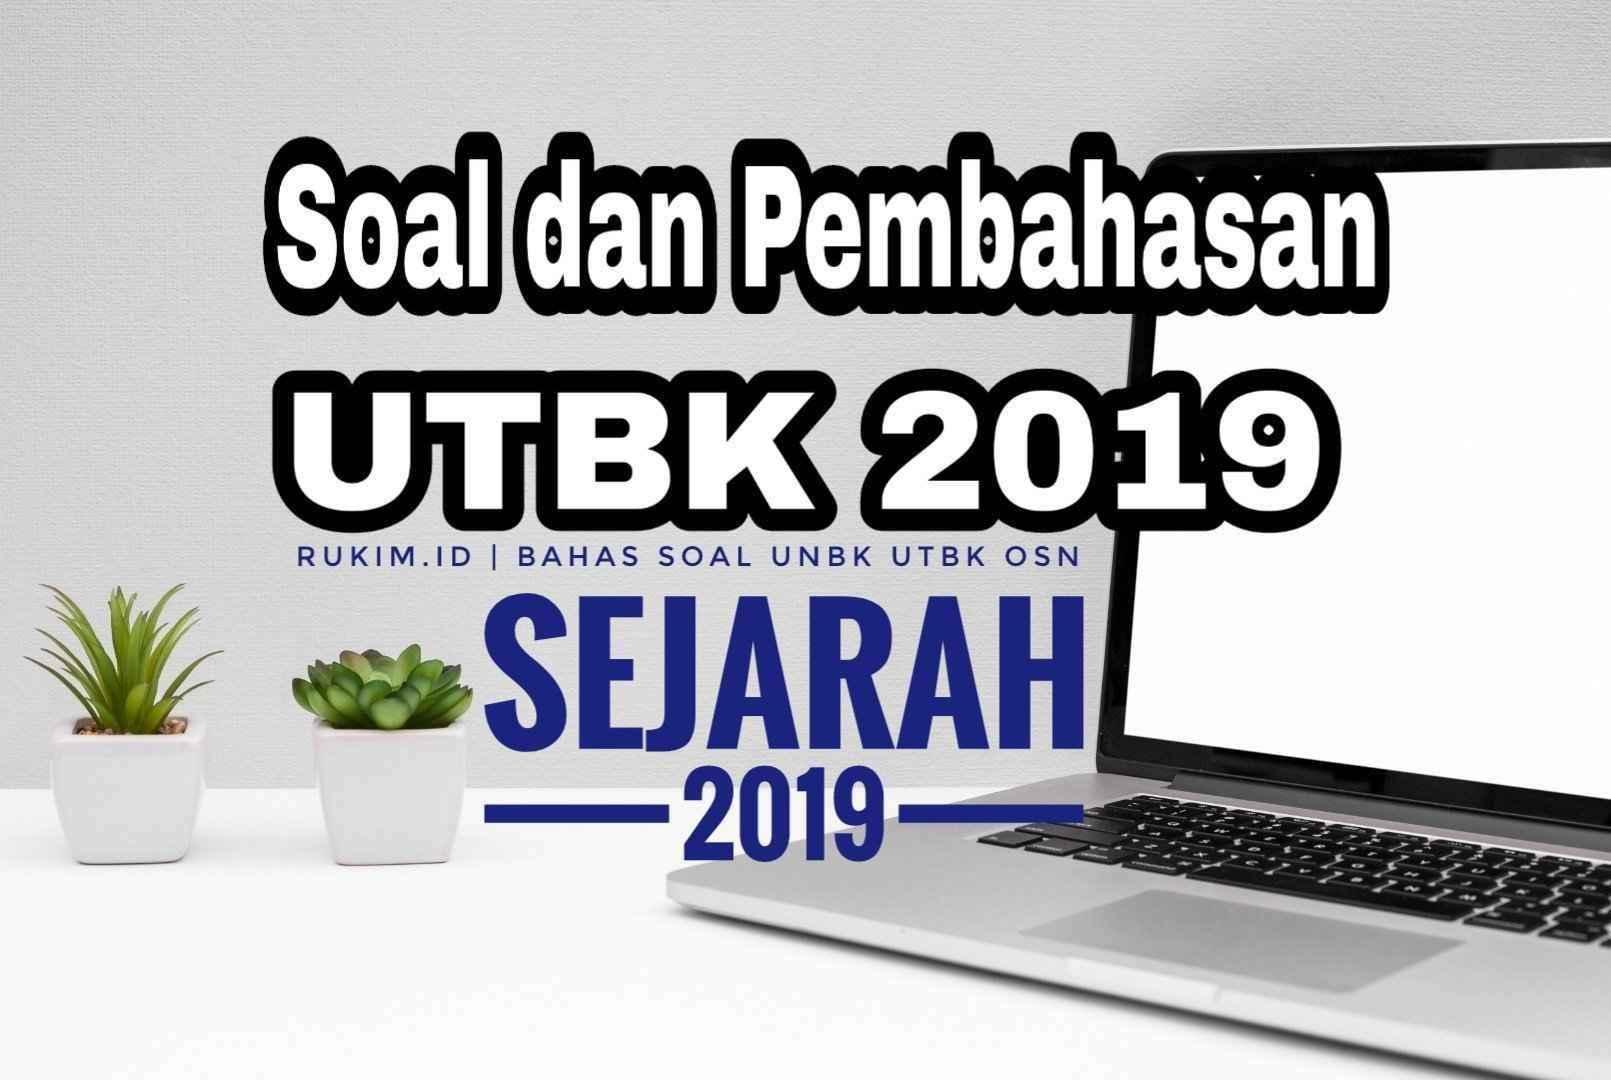 Download Pembahasan Soal UTBK Sejarah 2019